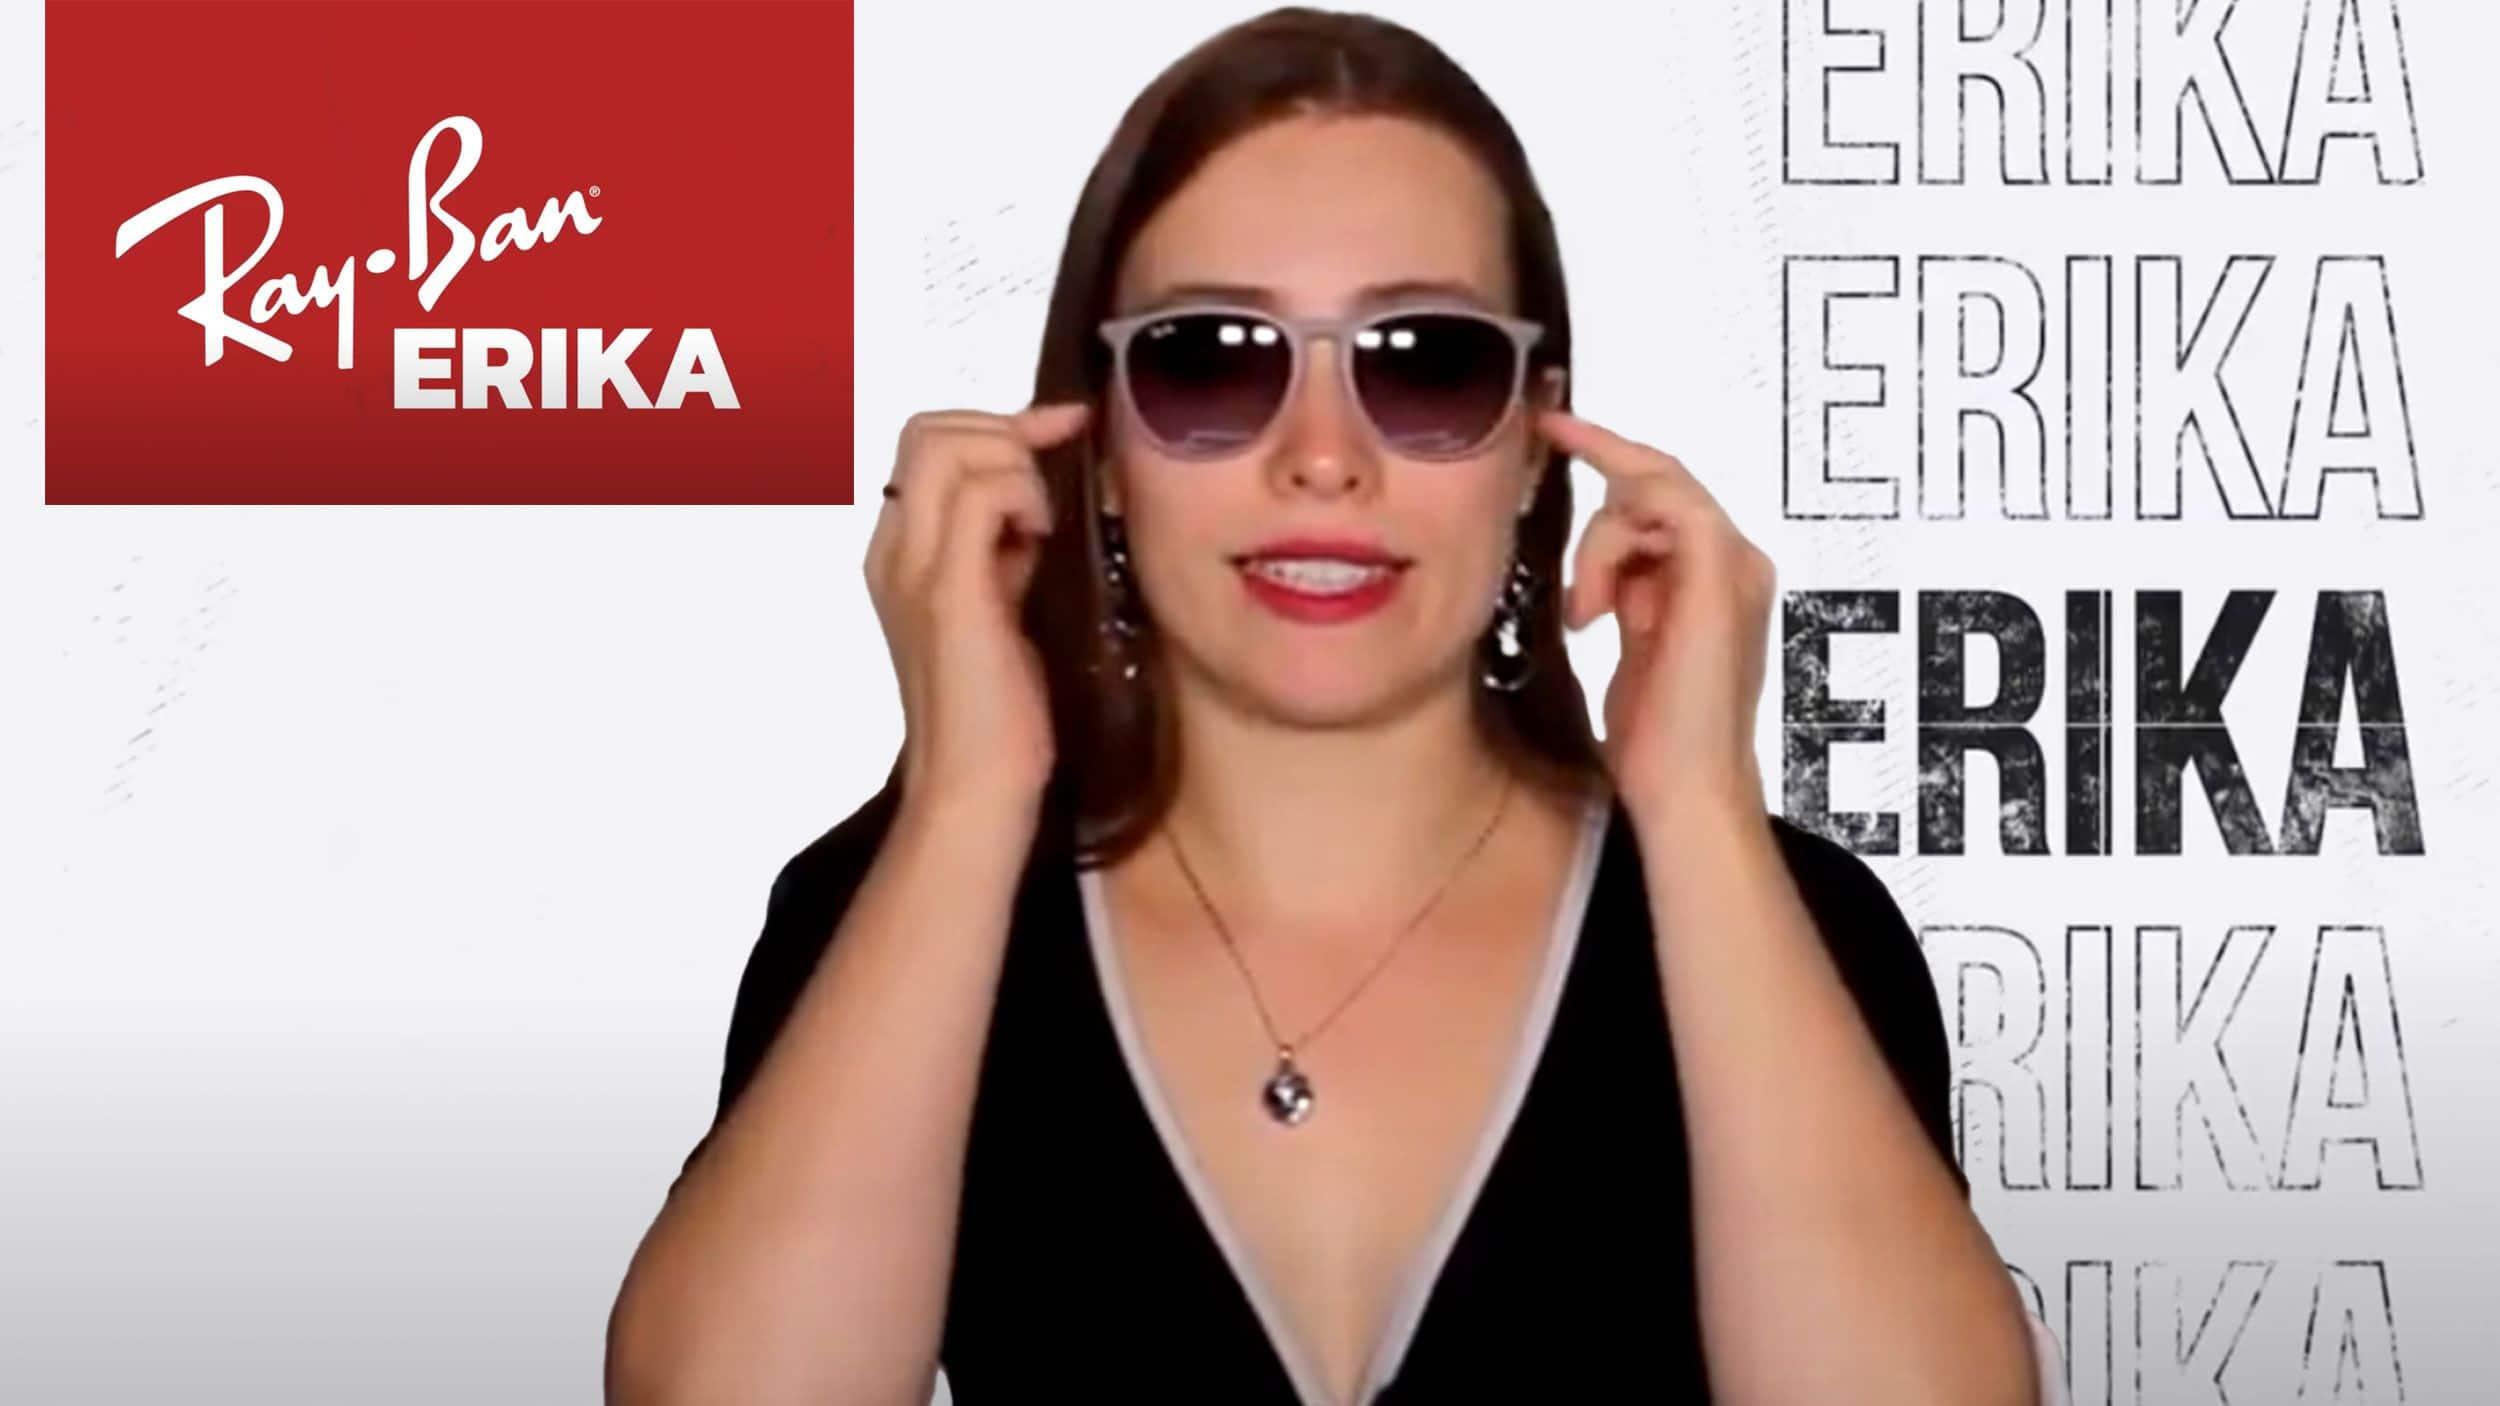 Ray Ban Erika Header